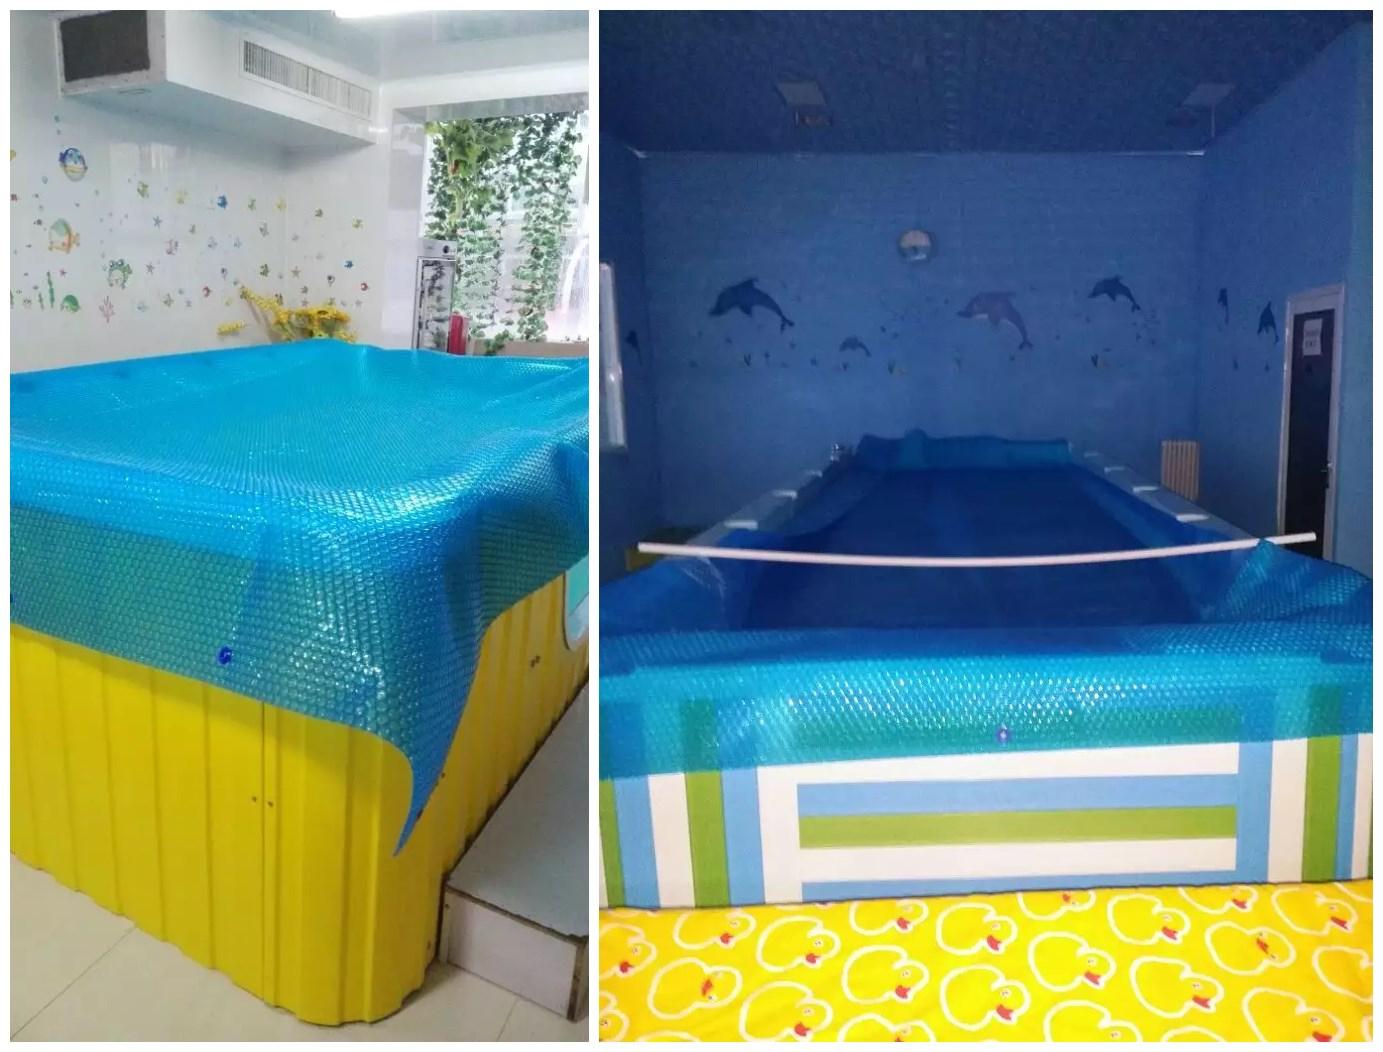 Плавательный бассейн сохранение тепла мембрана \ бассейн пыленепроницаемый мембрана \ плавать дом оборудование \ крышка мембрана \ бассейн ткань \ бассейн крышка мембрана